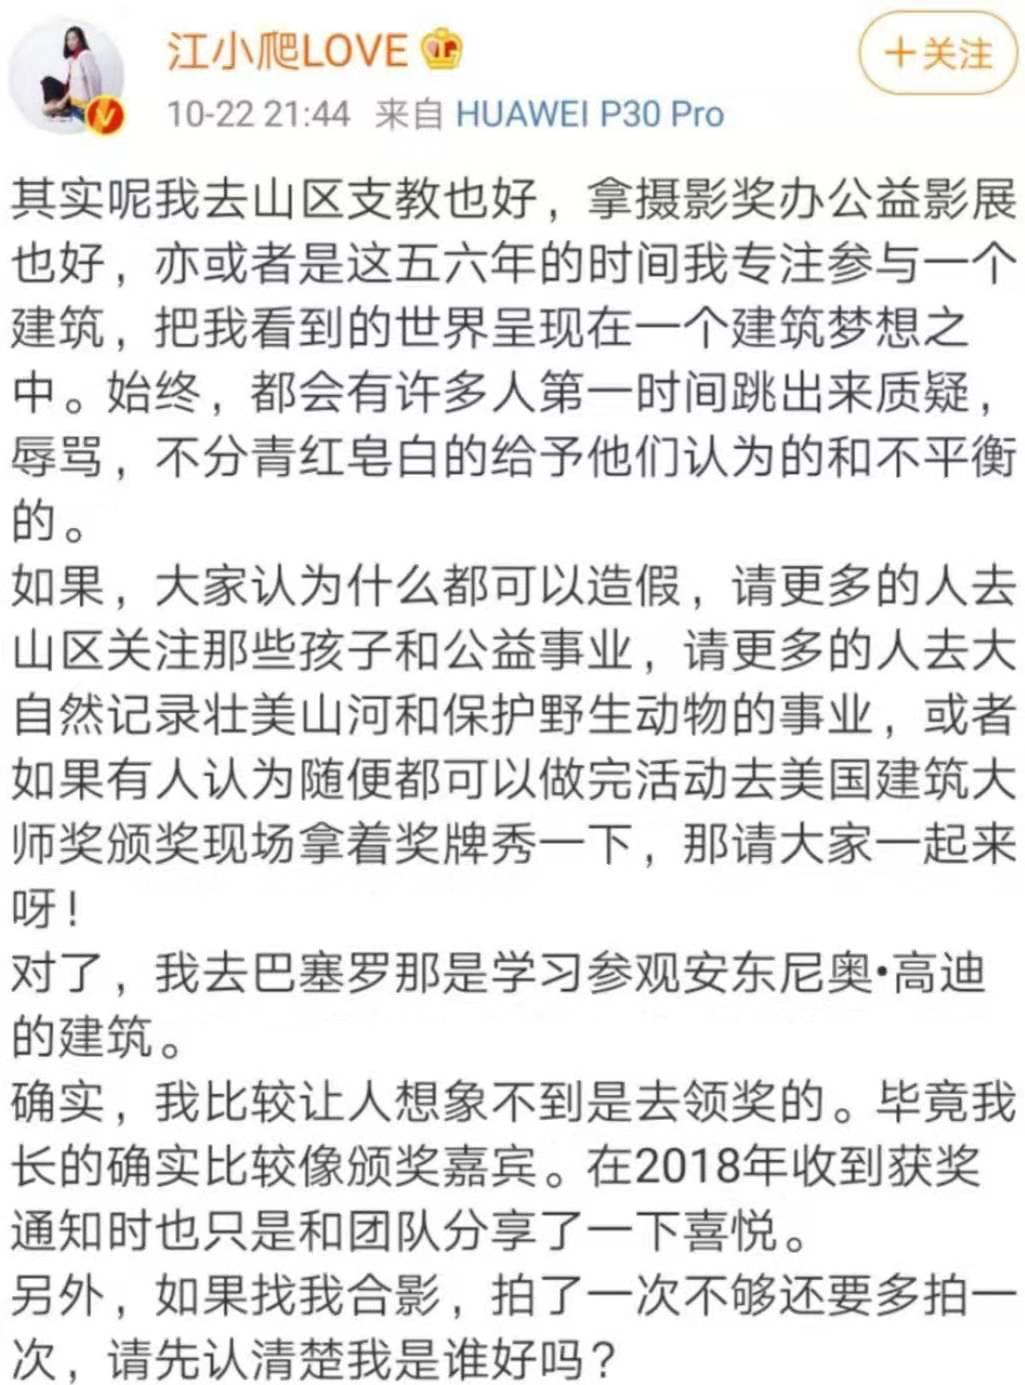 鹤壁葡京vip|为什么单单广东省就有三支CBA球队?苏群谈拥有一支球队有多烧钱